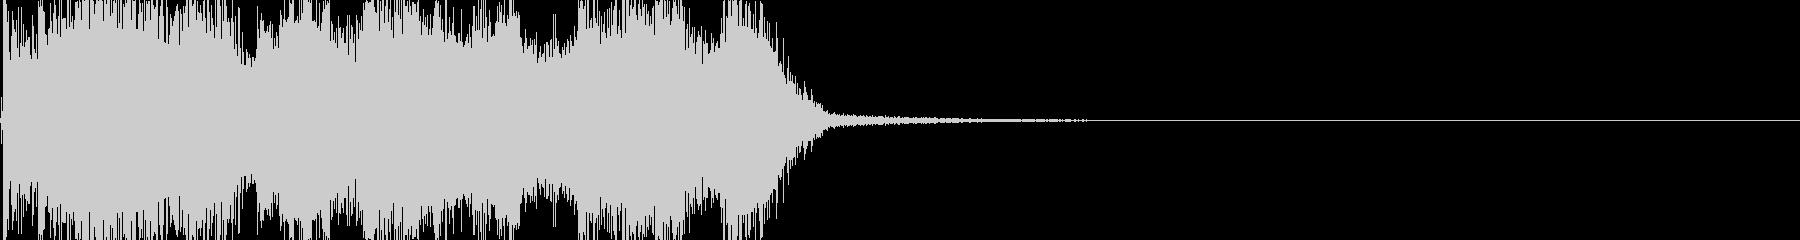 アイリッシュなジングル/サウンドロゴの未再生の波形